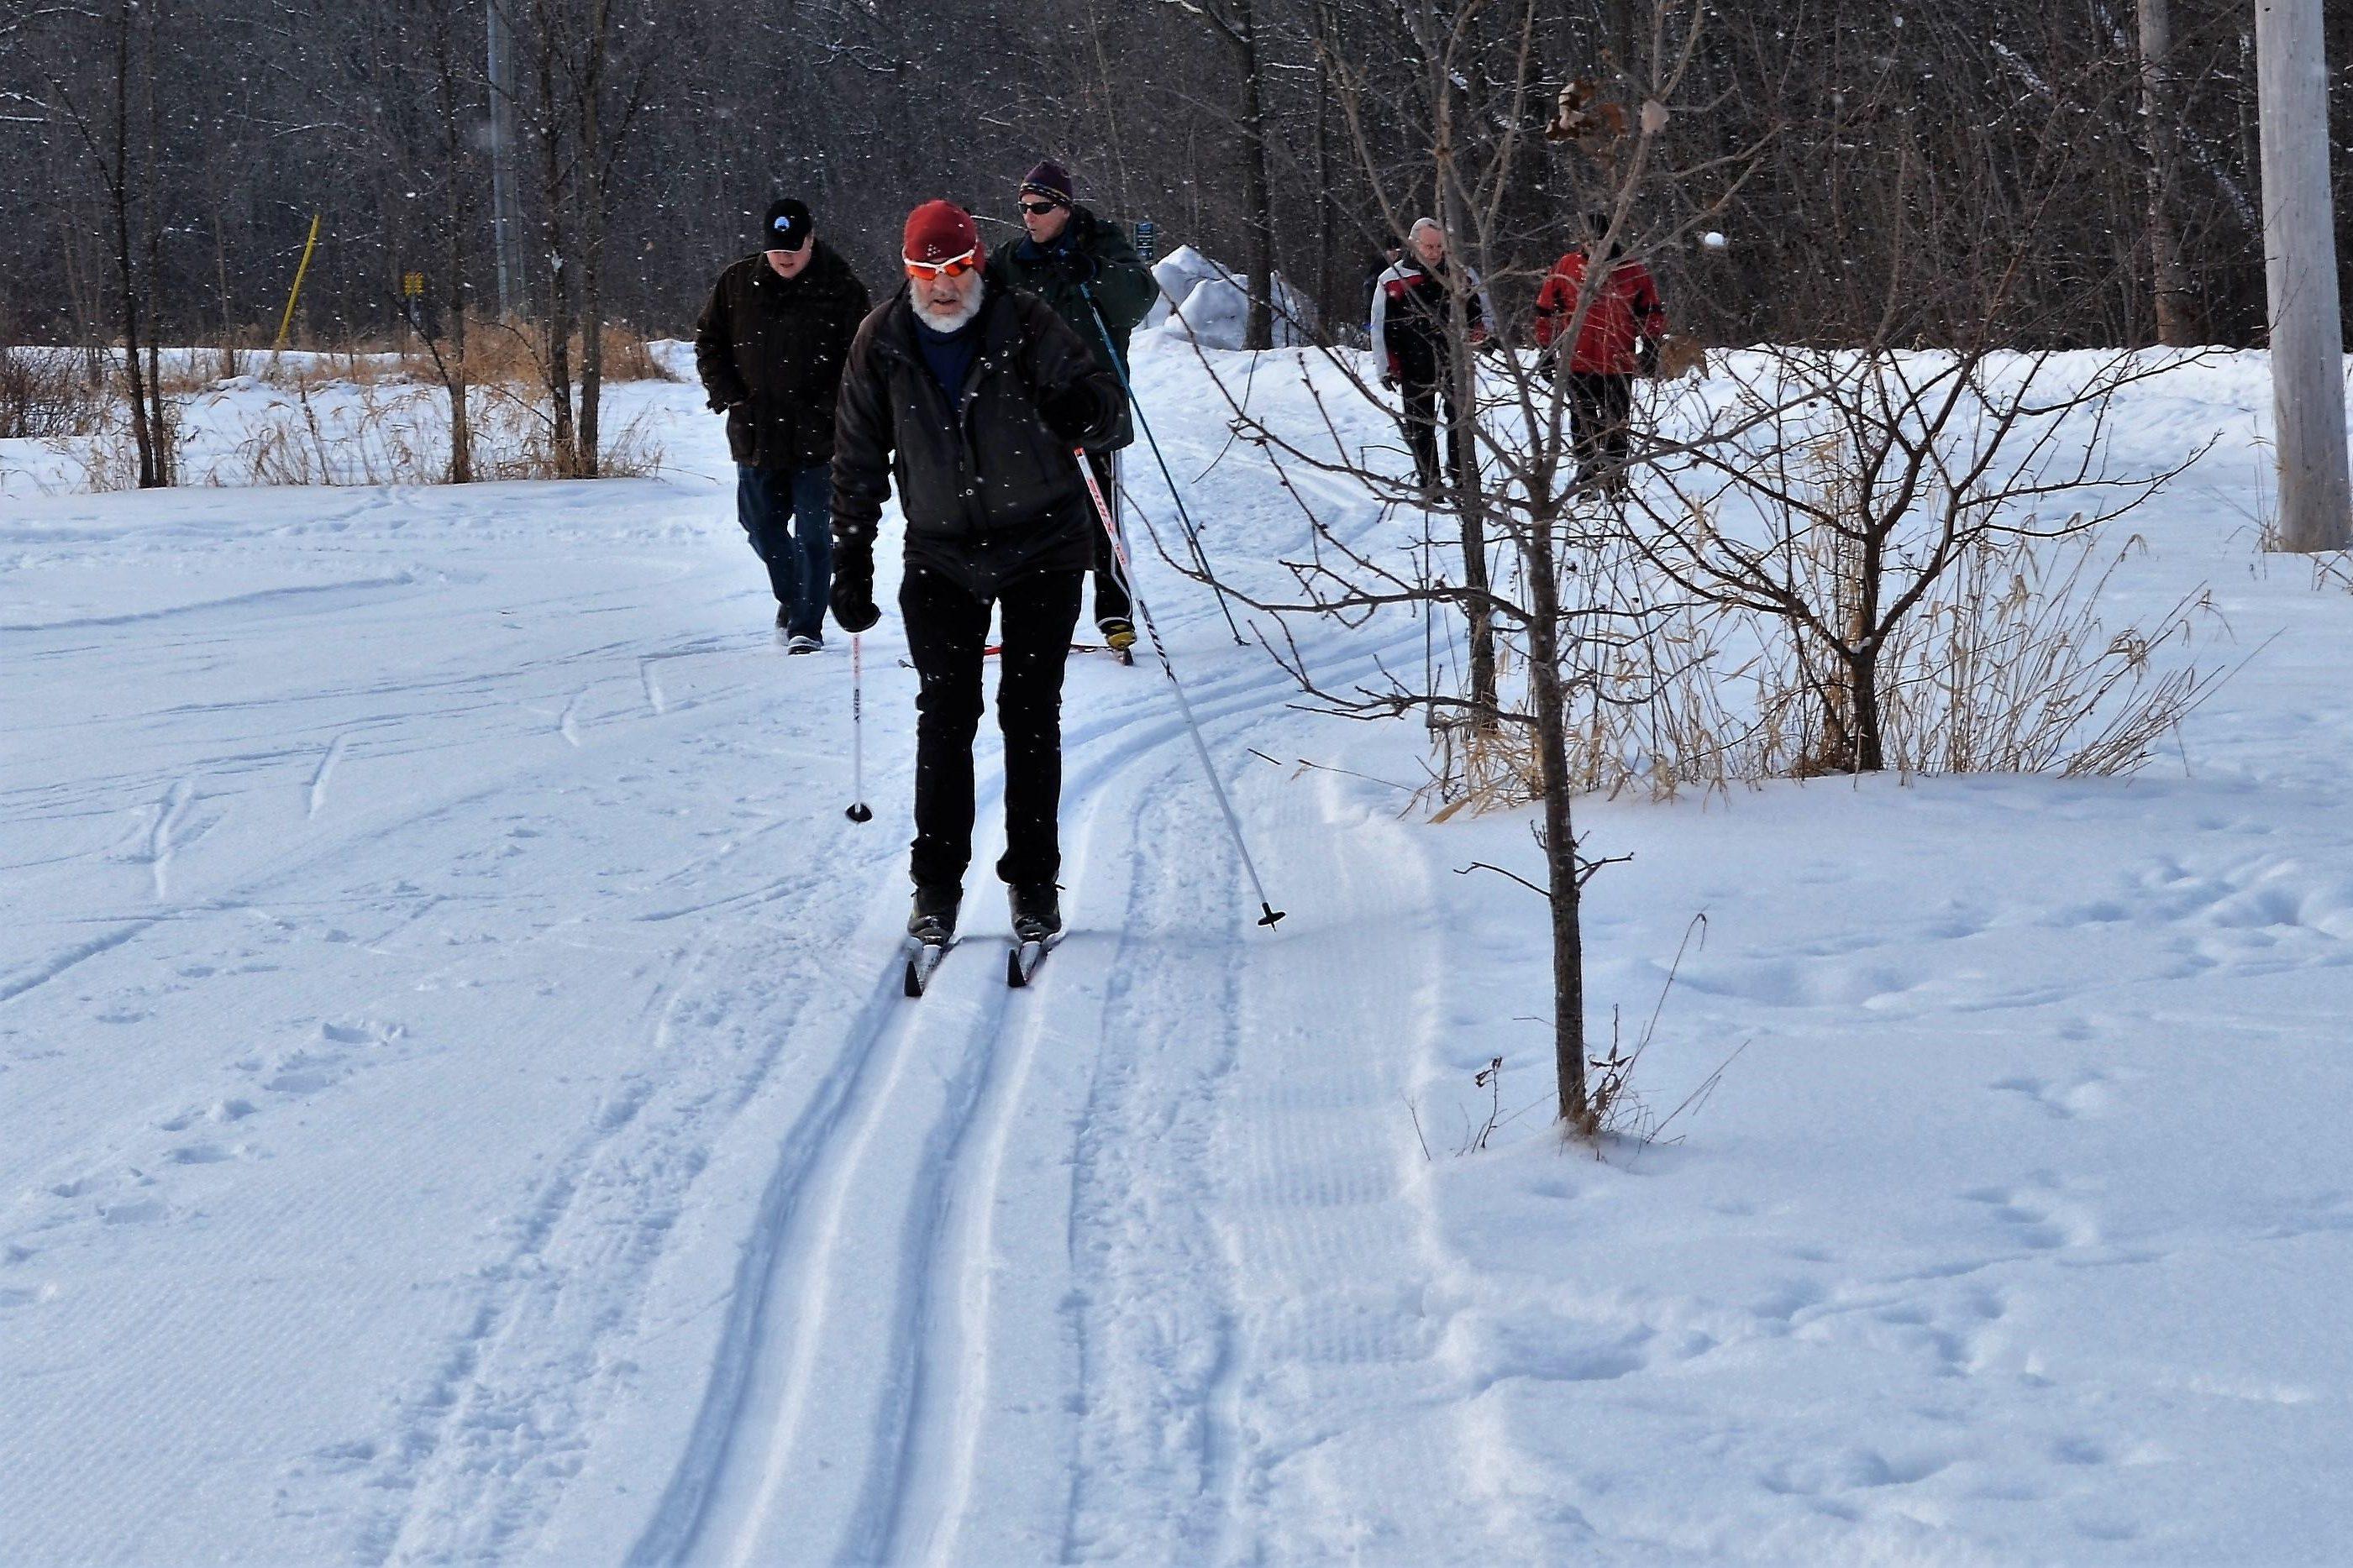 Des skieurs et des marcheurs partageant le sentier d'hiver Ski Héritage Est.